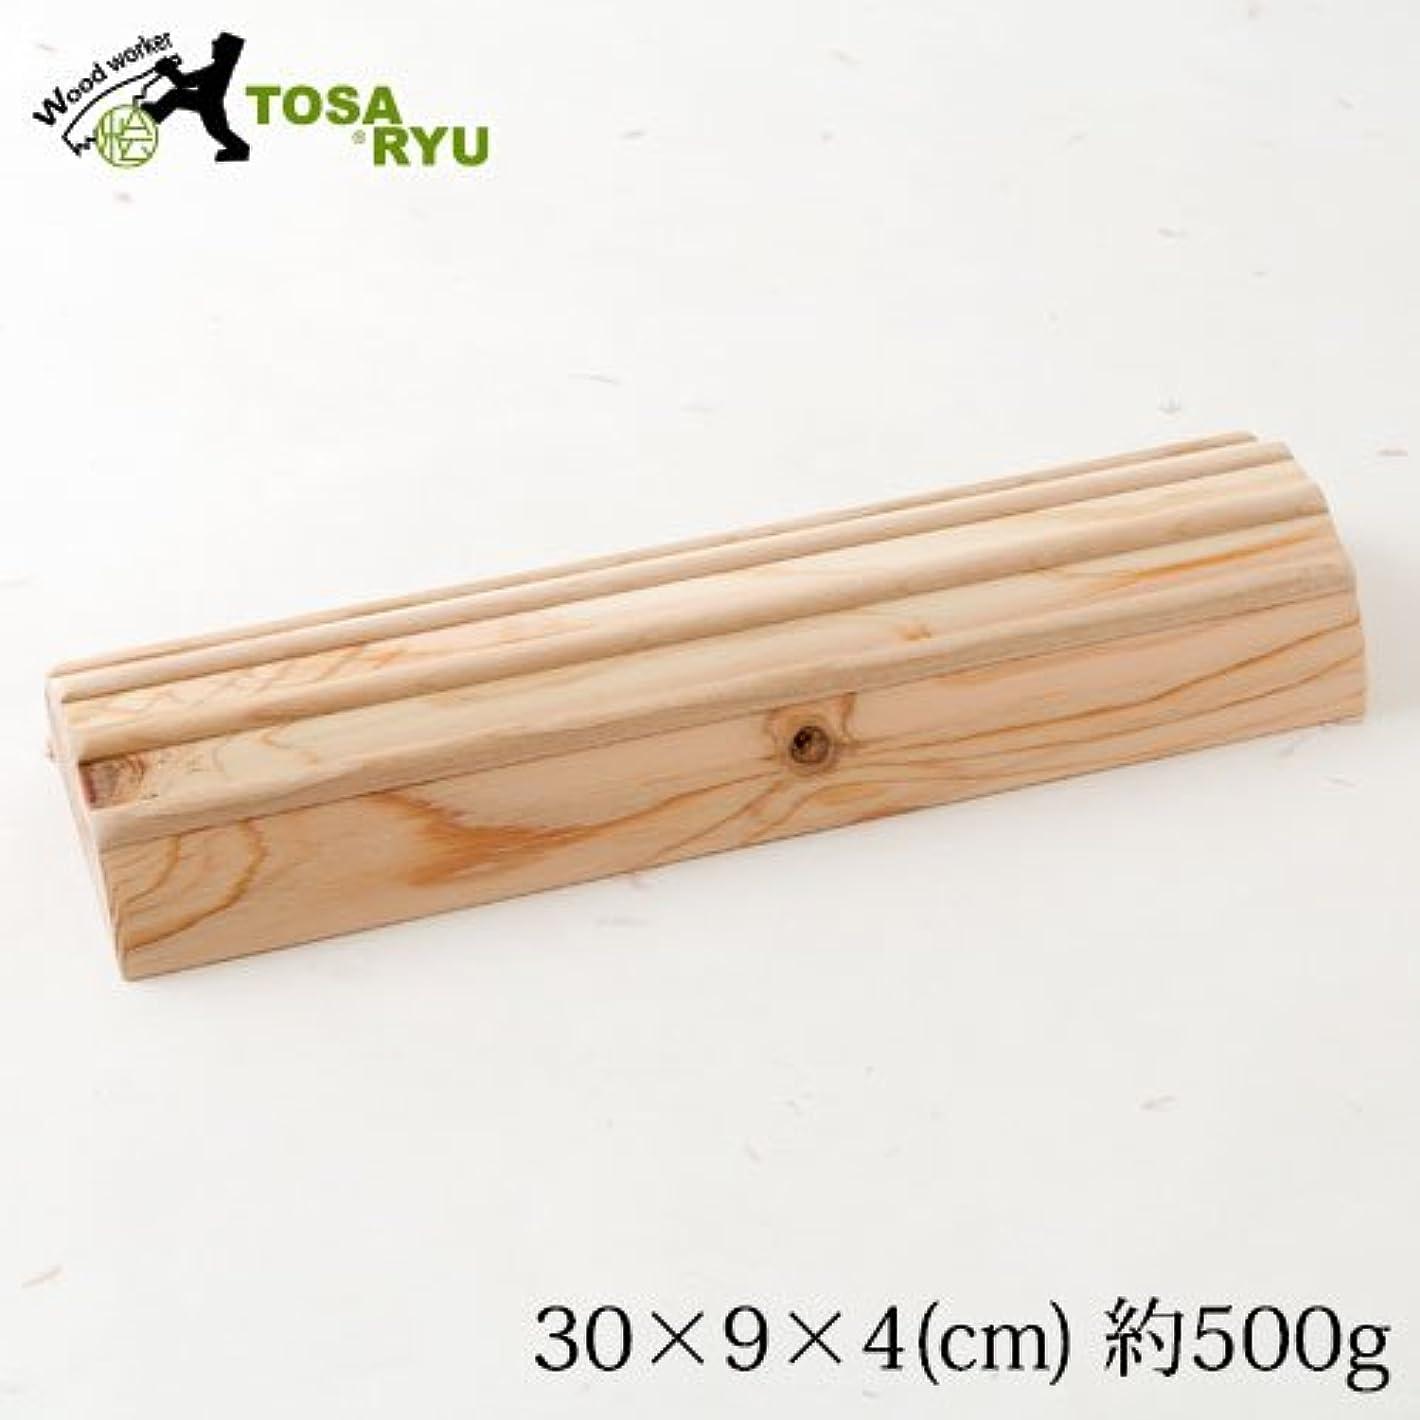 呼ぶ誘惑自転車土佐龍四万十ひのき足踏み高知県の工芸品Cypress Foot Massager, Kochi craft